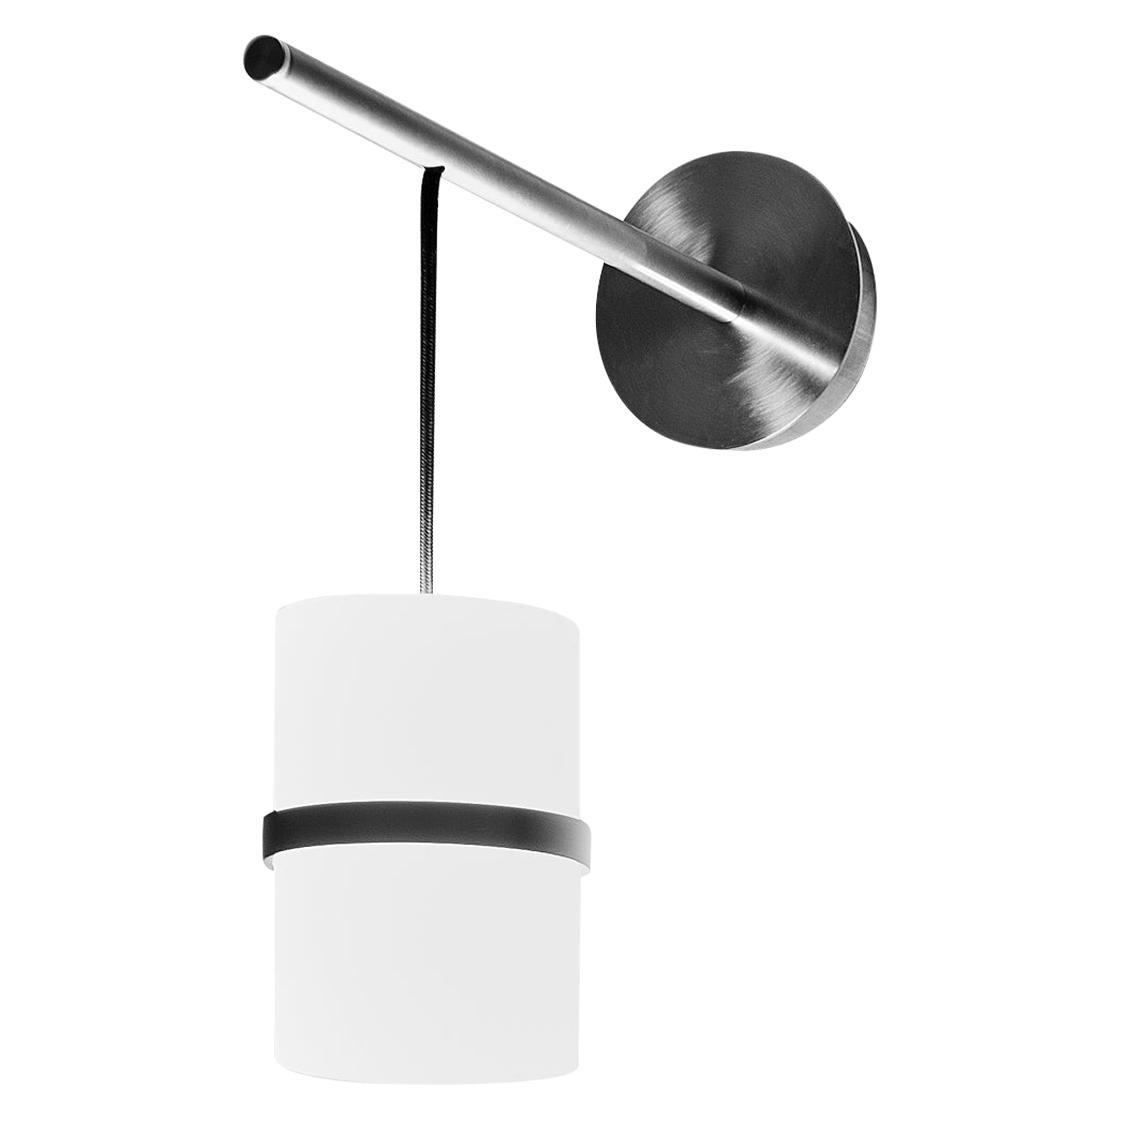 Firmamento Milano Piccola Boa Wall Lamp in Nickel and Glass by Carlo Guglielmi